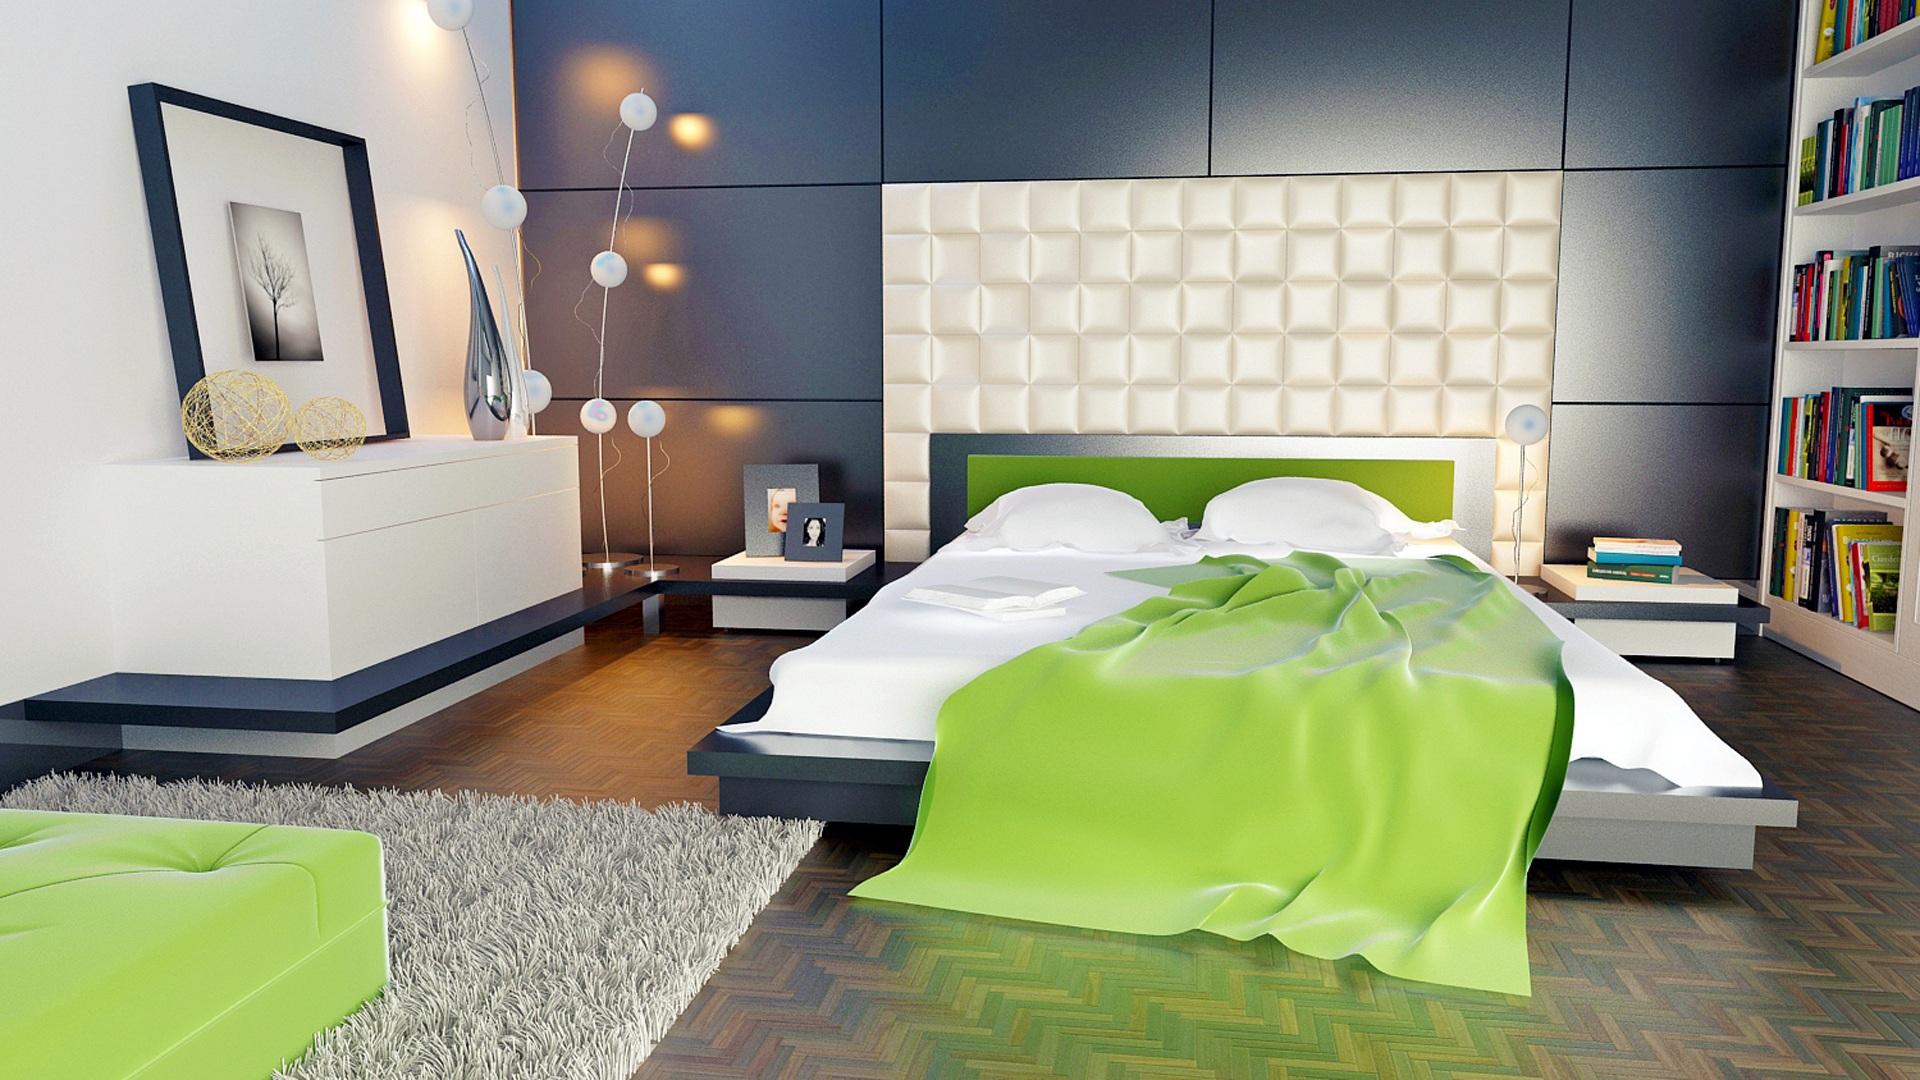 Immagini Belle : pavimento, casa, Cottage, proprietà, soggiorno ...